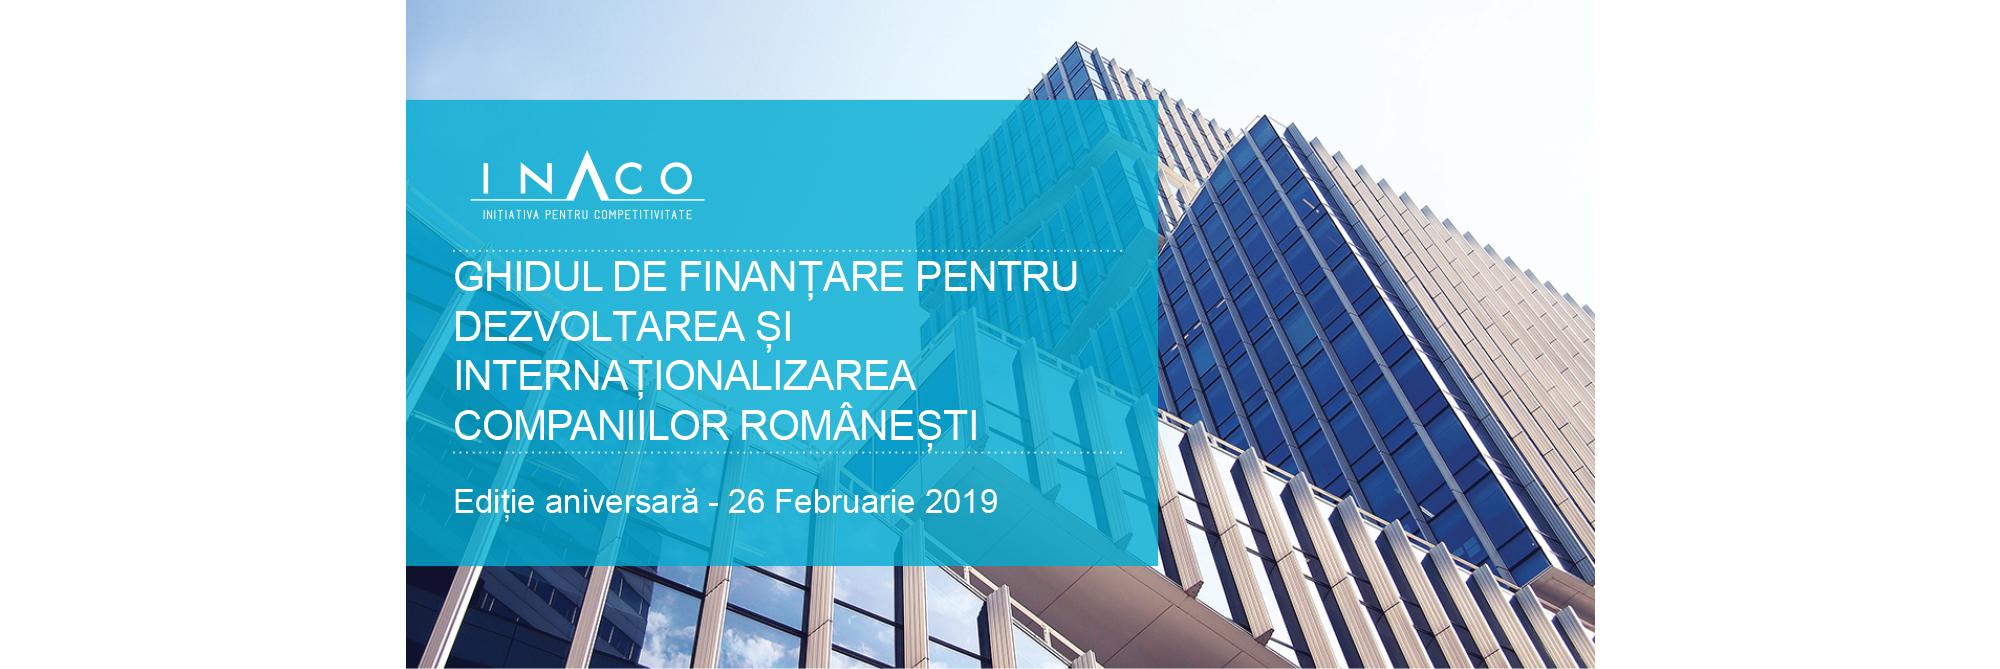 INACO lansează ediția aniversară a Ghidului de Finanțare pentru Internaționalizarea Companiilor Românești